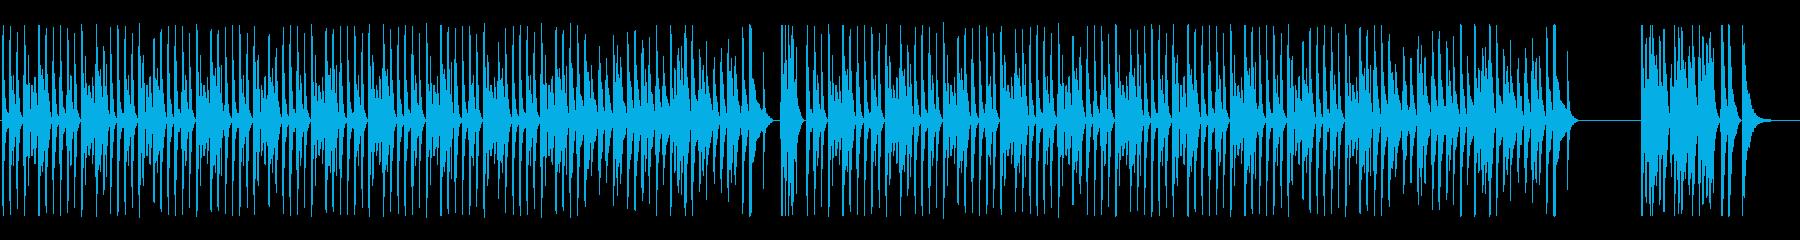 のんびり日常系の再生済みの波形